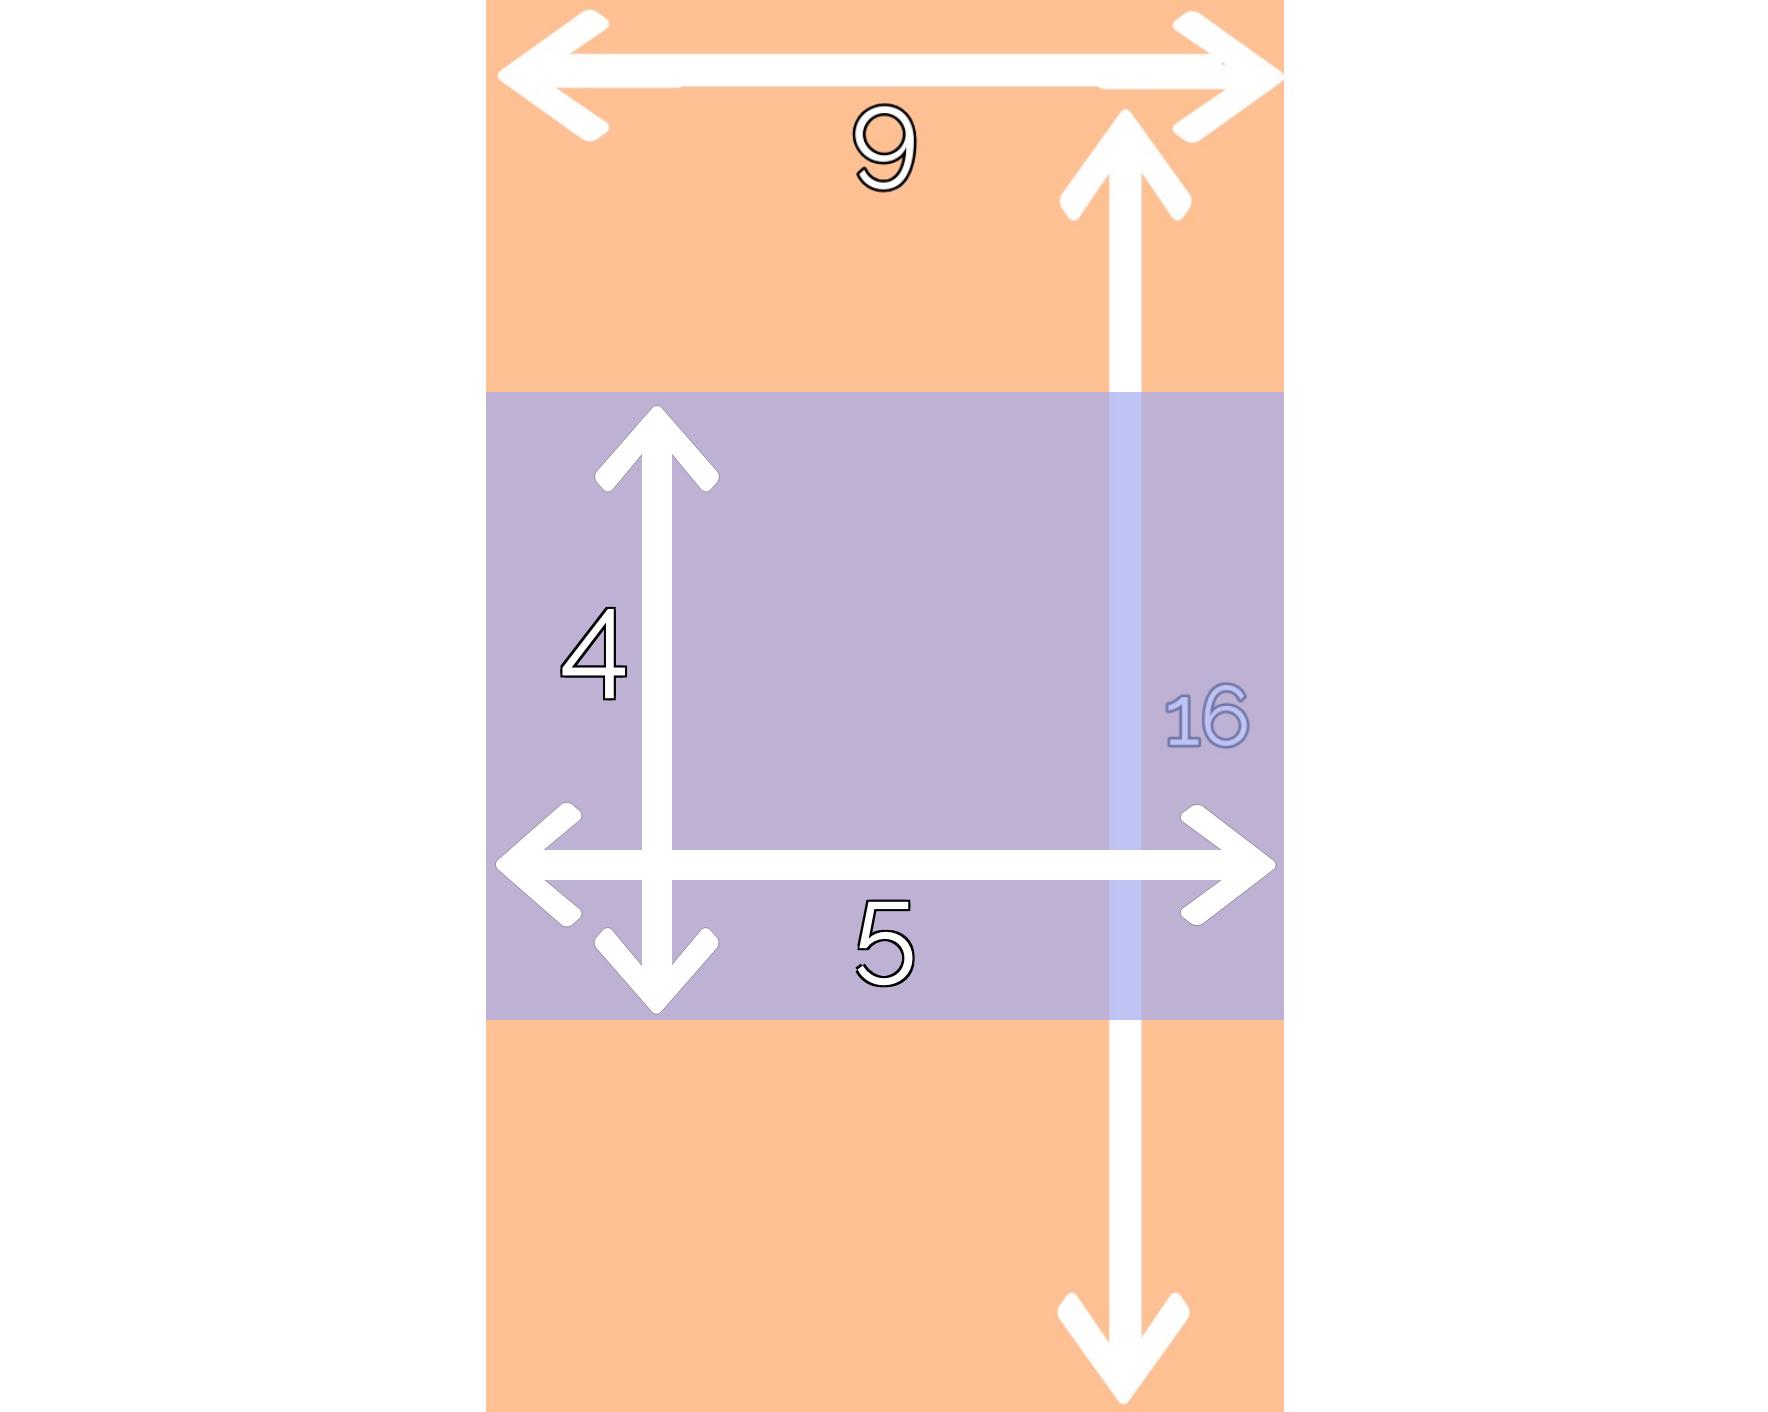 Eine Grafik mit den empfohlenen Abmessungen für Reddit-Inhalte.